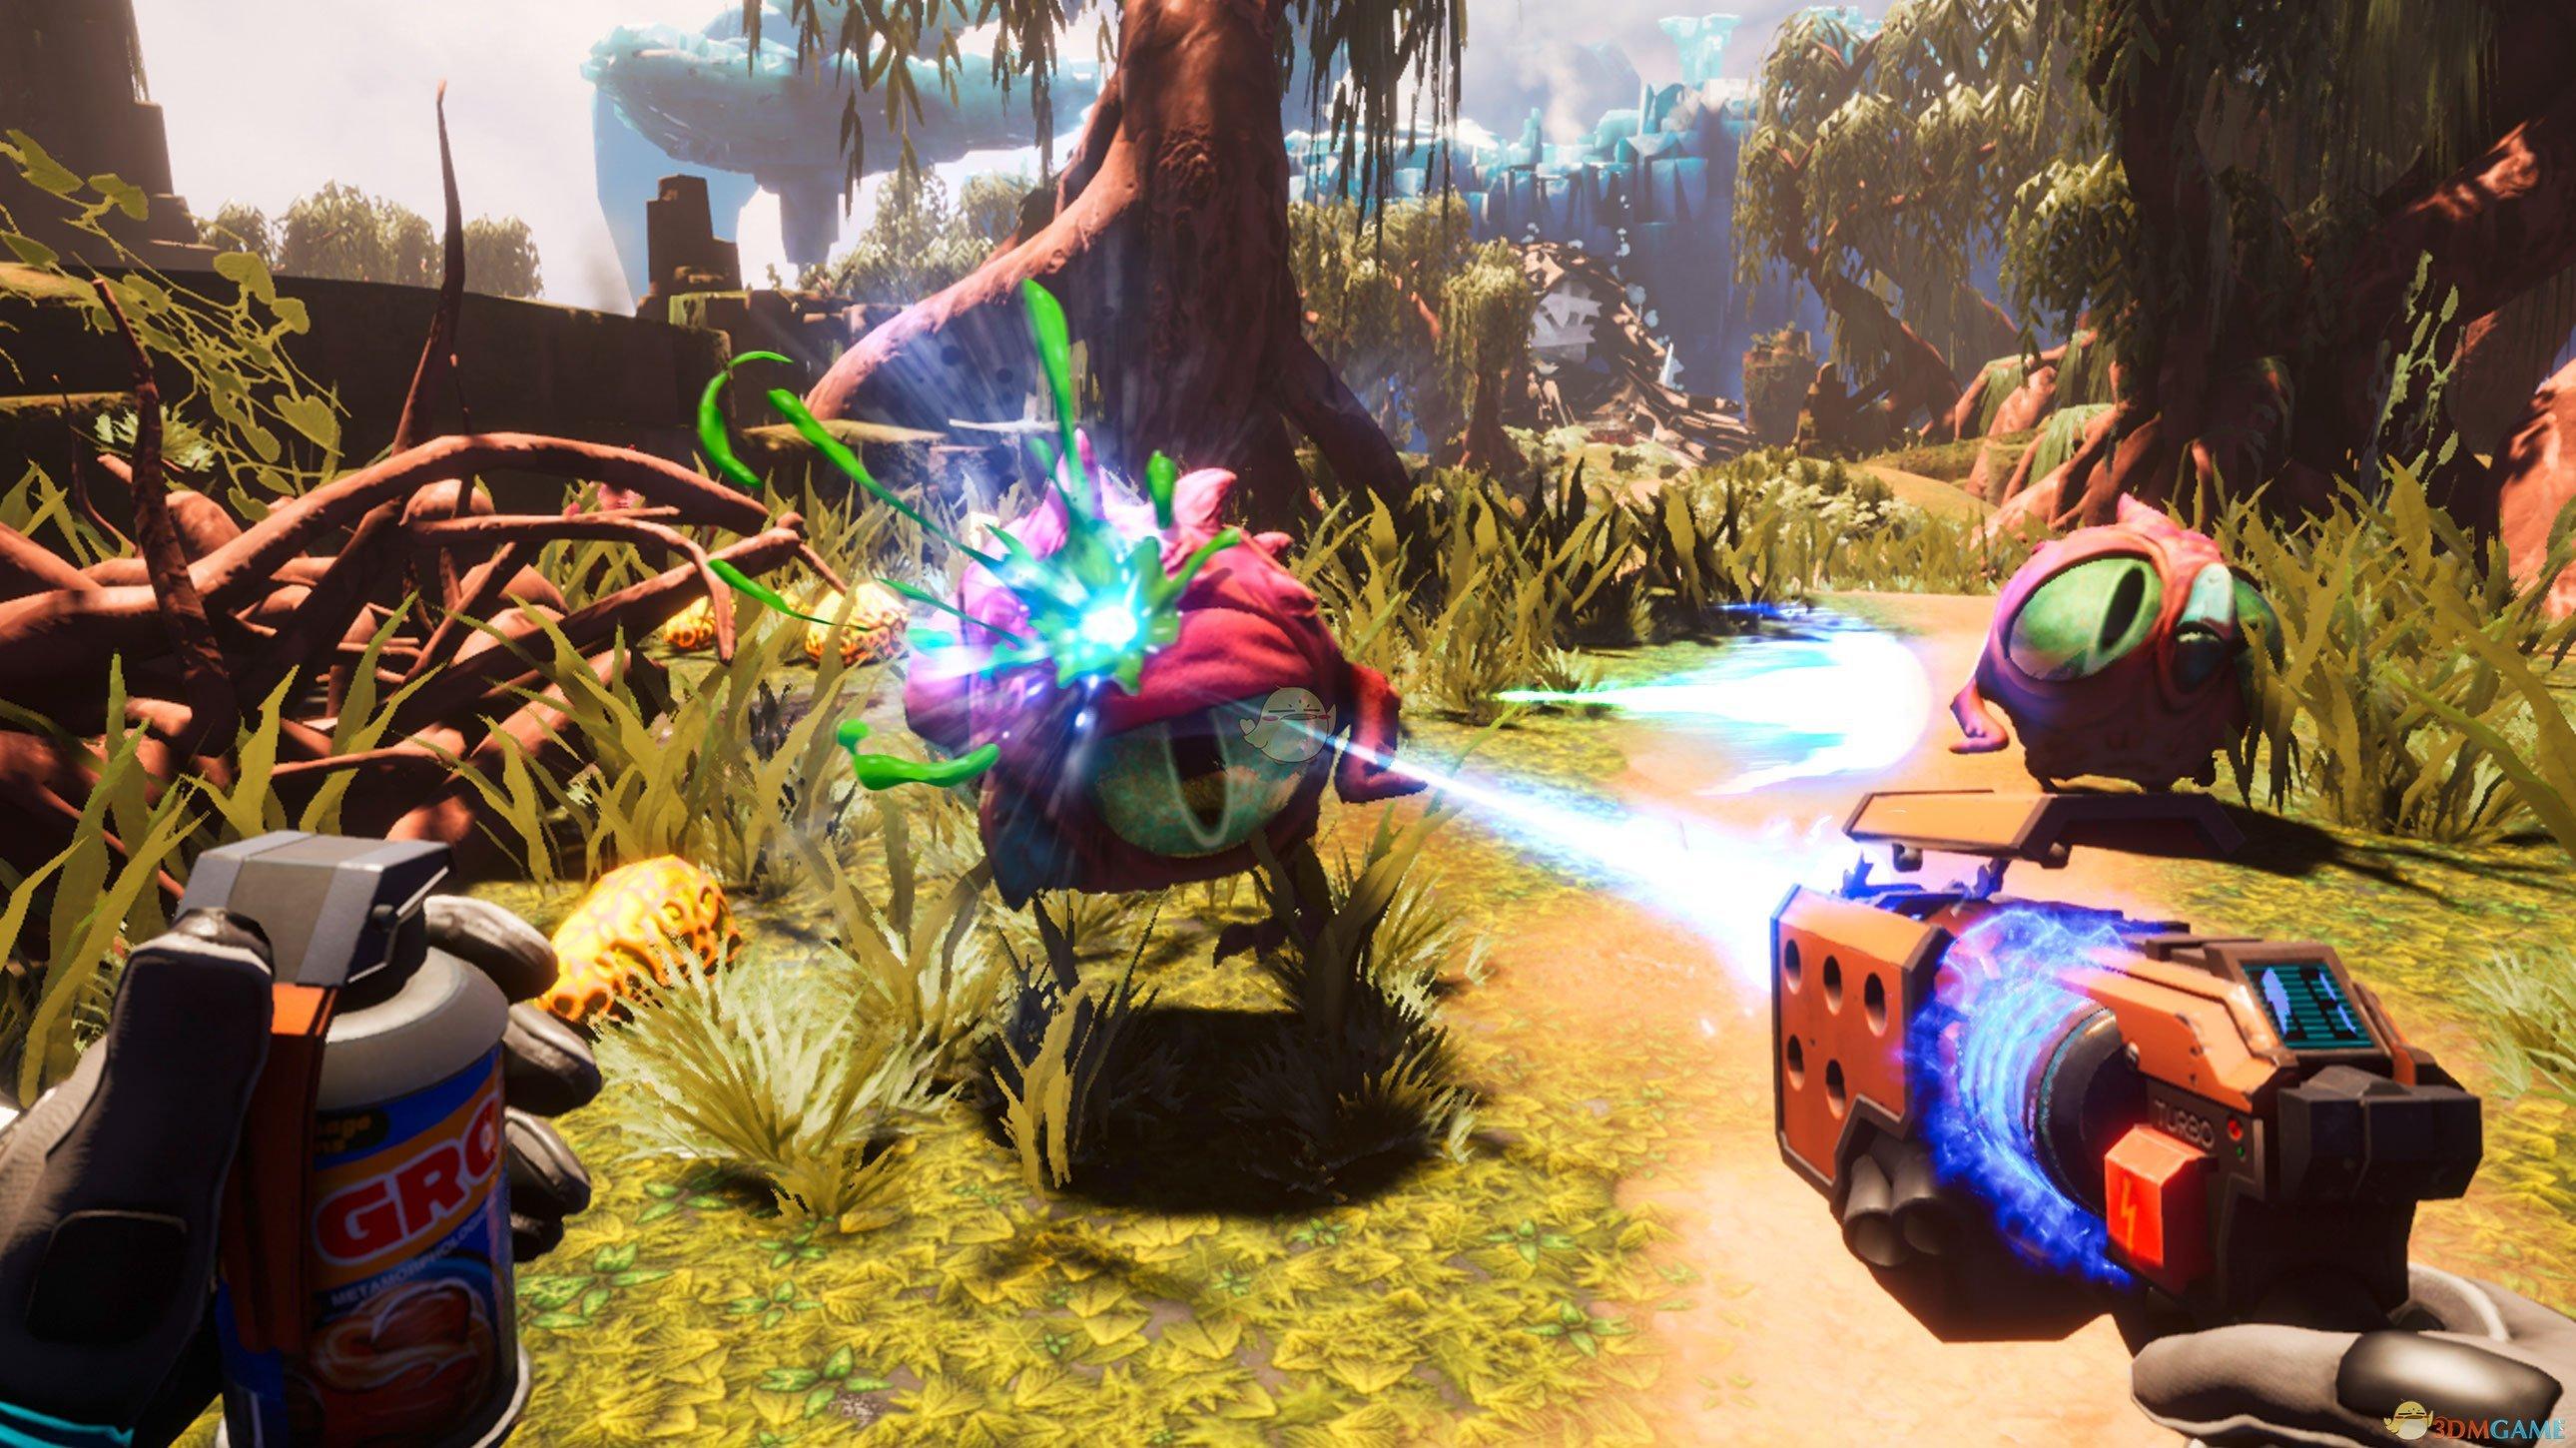 《野蛮星球之旅》游戏背景介绍